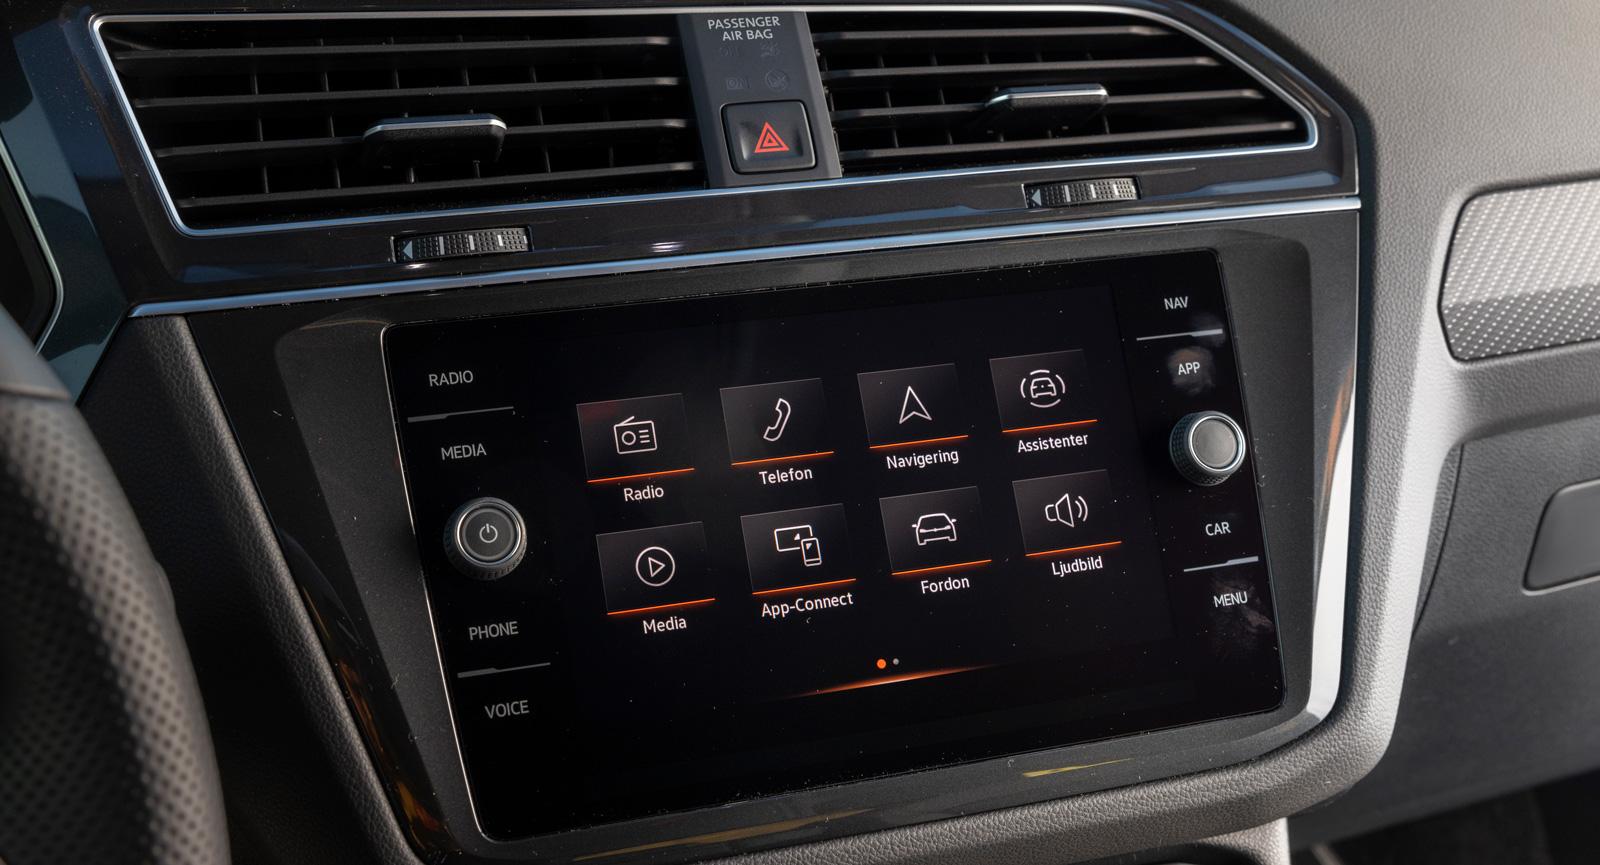 Volkswagen: Fysiska vred för volym och radiofrekvens/bläddring är alltid uppskattat. Menystrukturen blir snabbt textintensiv, men läsbarheten är bra. Numera nås ljusintensitetsjusteringen med en genväg.